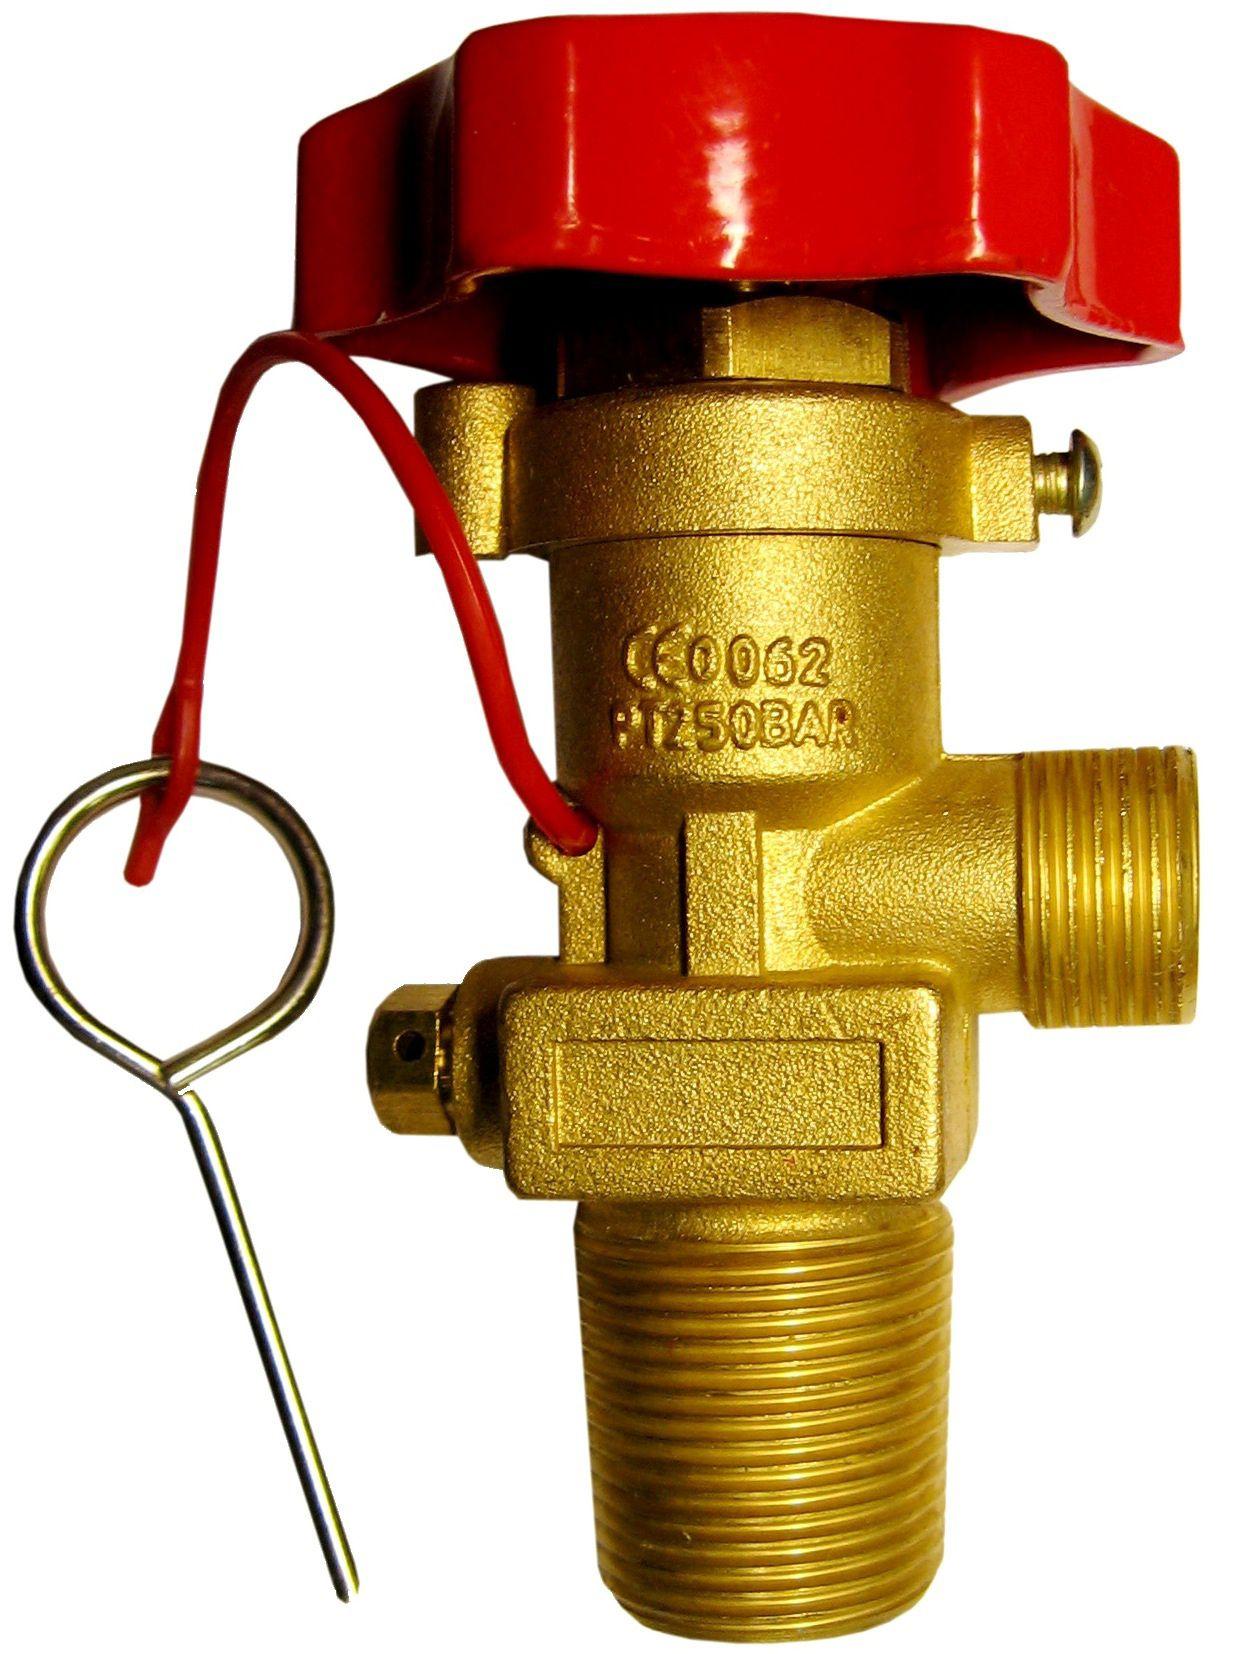 ogļskābās gāzes ugunsdzēsības aparāta palaišanas mehānisms